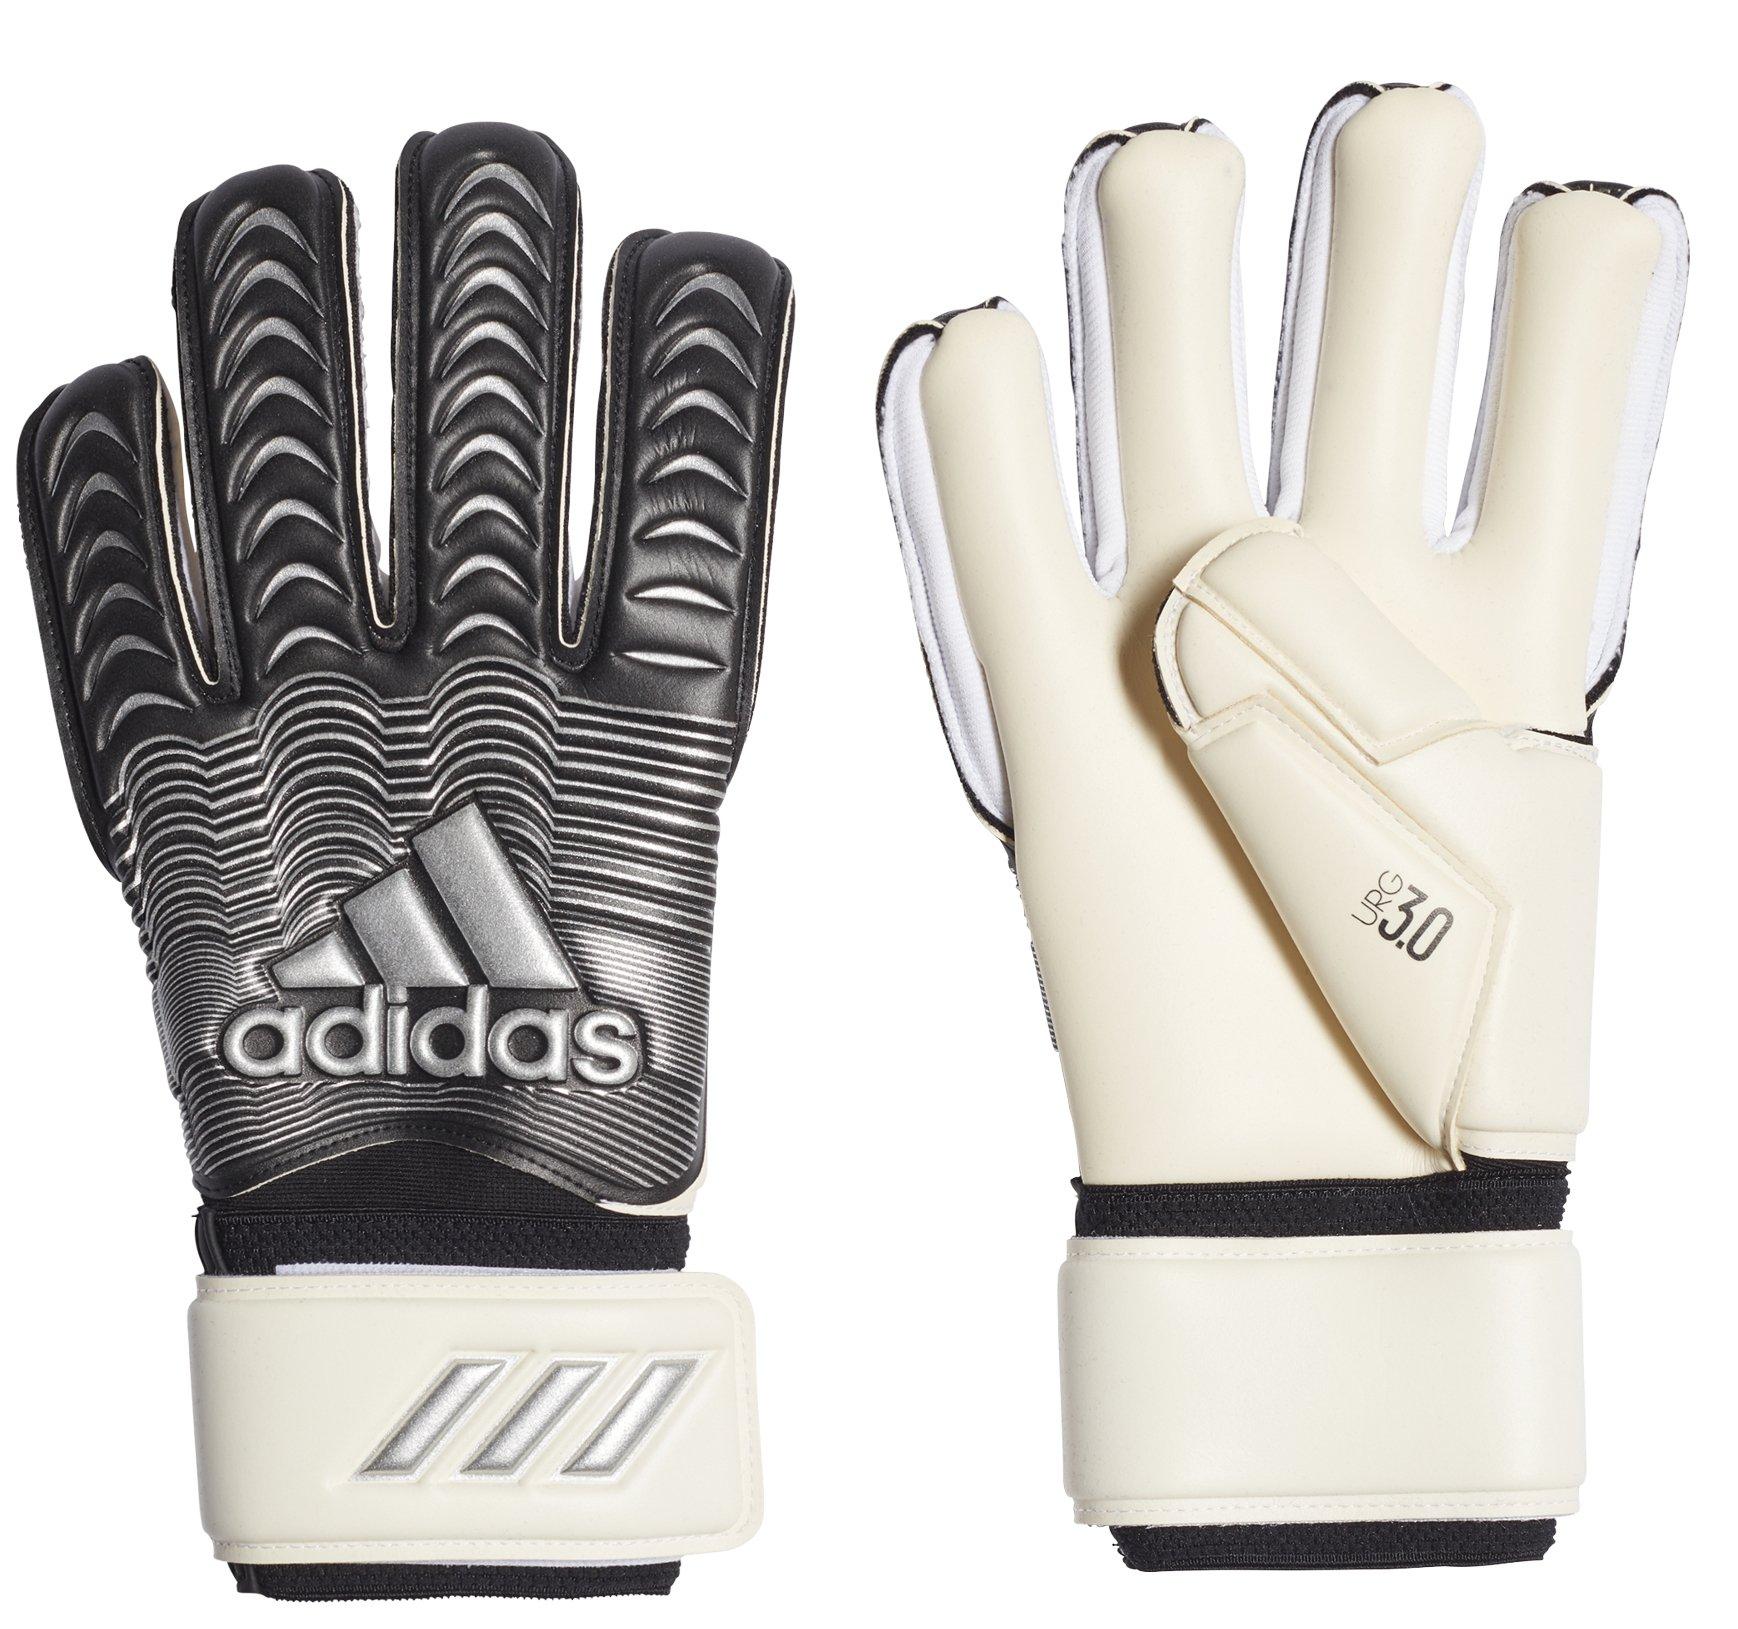 Adidas Classic League 9,5